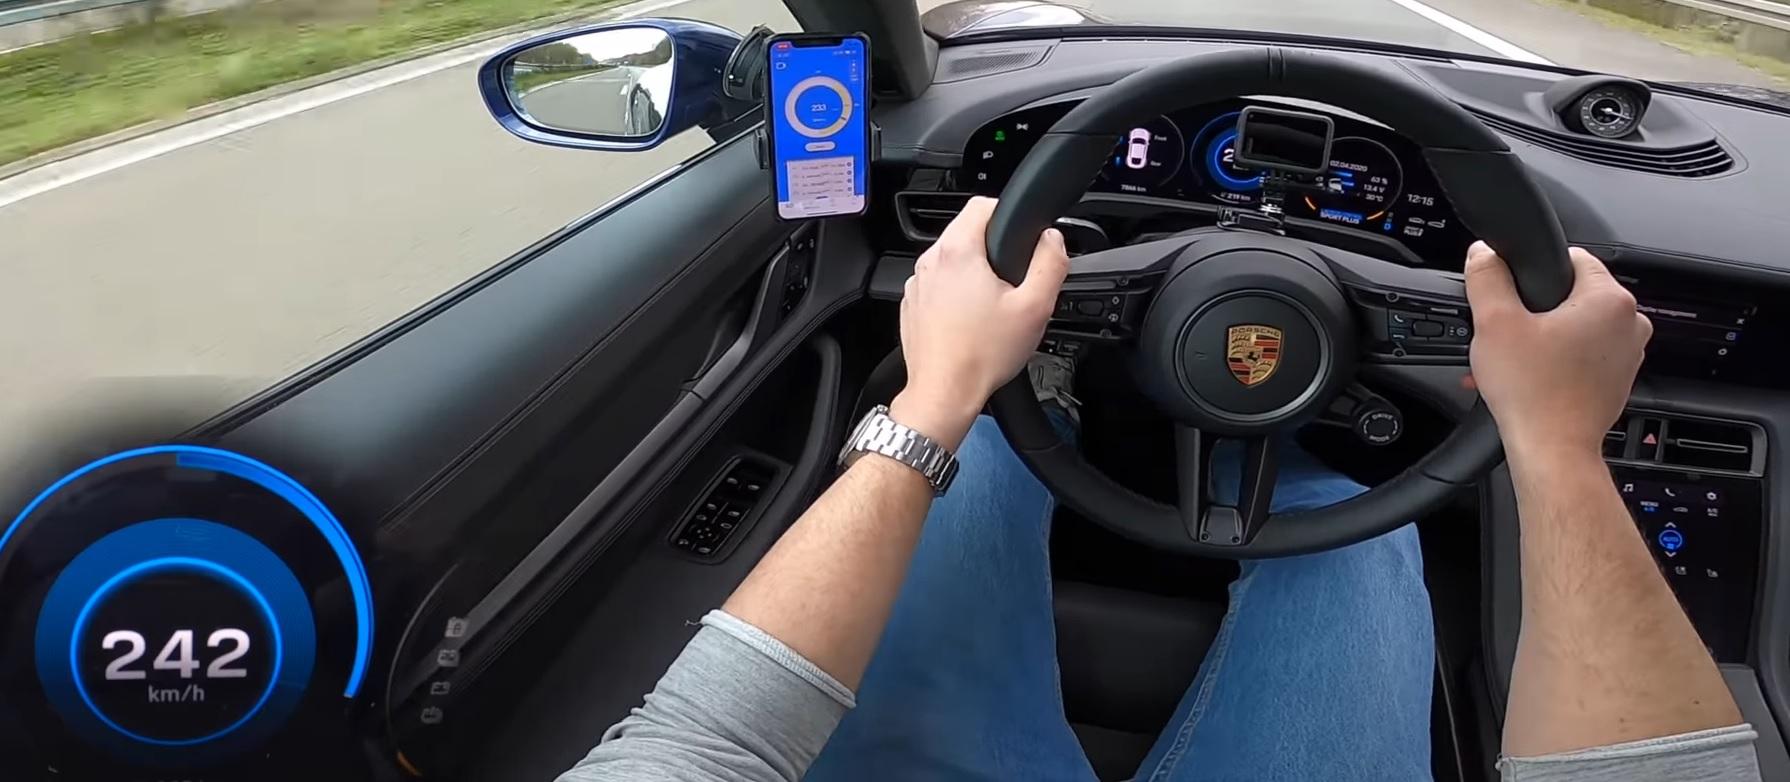 Zobacz, jak Porsche Taycan łamie granice 260 km/h na niemieckiej autostradzie (Video)